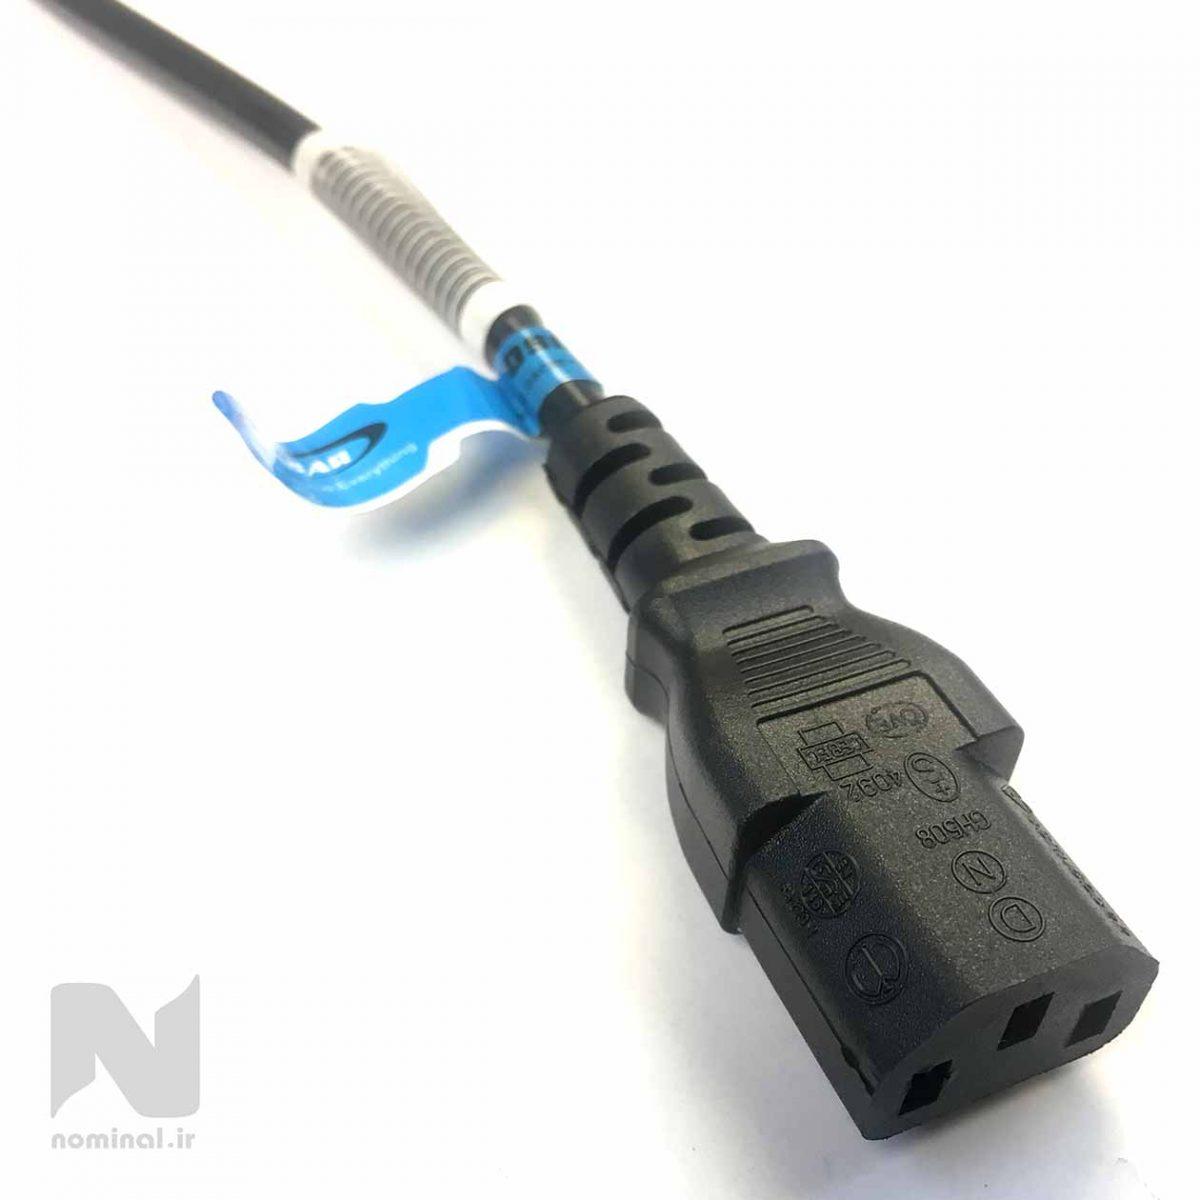 کابل برق اسکار oscar